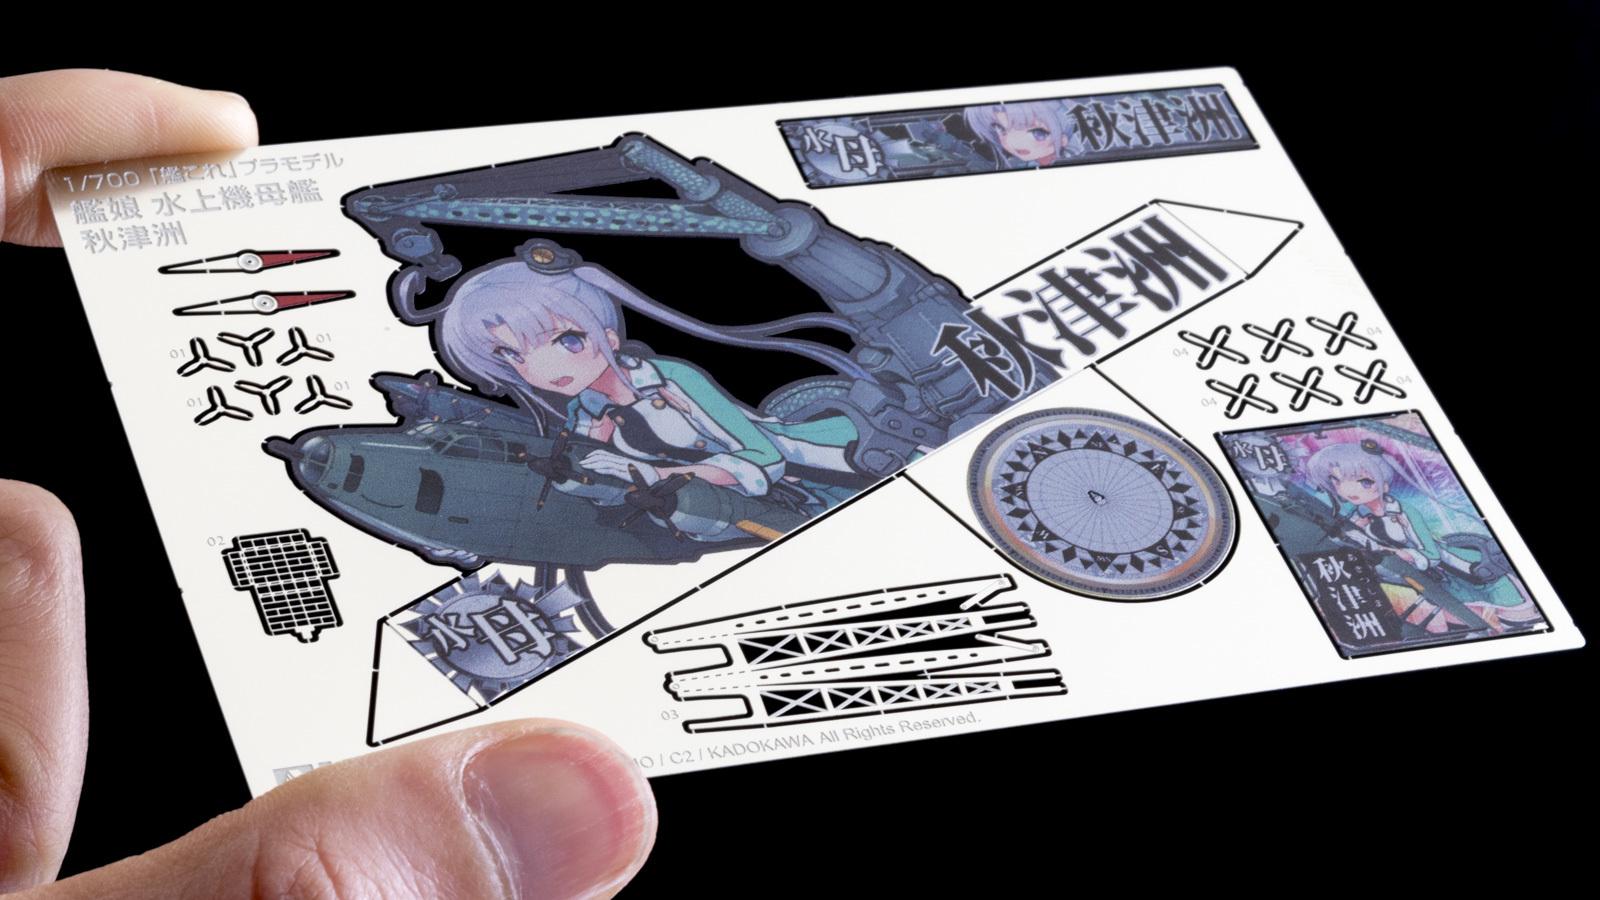 ありがとうアオシマ。1/700秋津洲で考える『艦これ』のありがたみ_b0029315_23070561.jpg